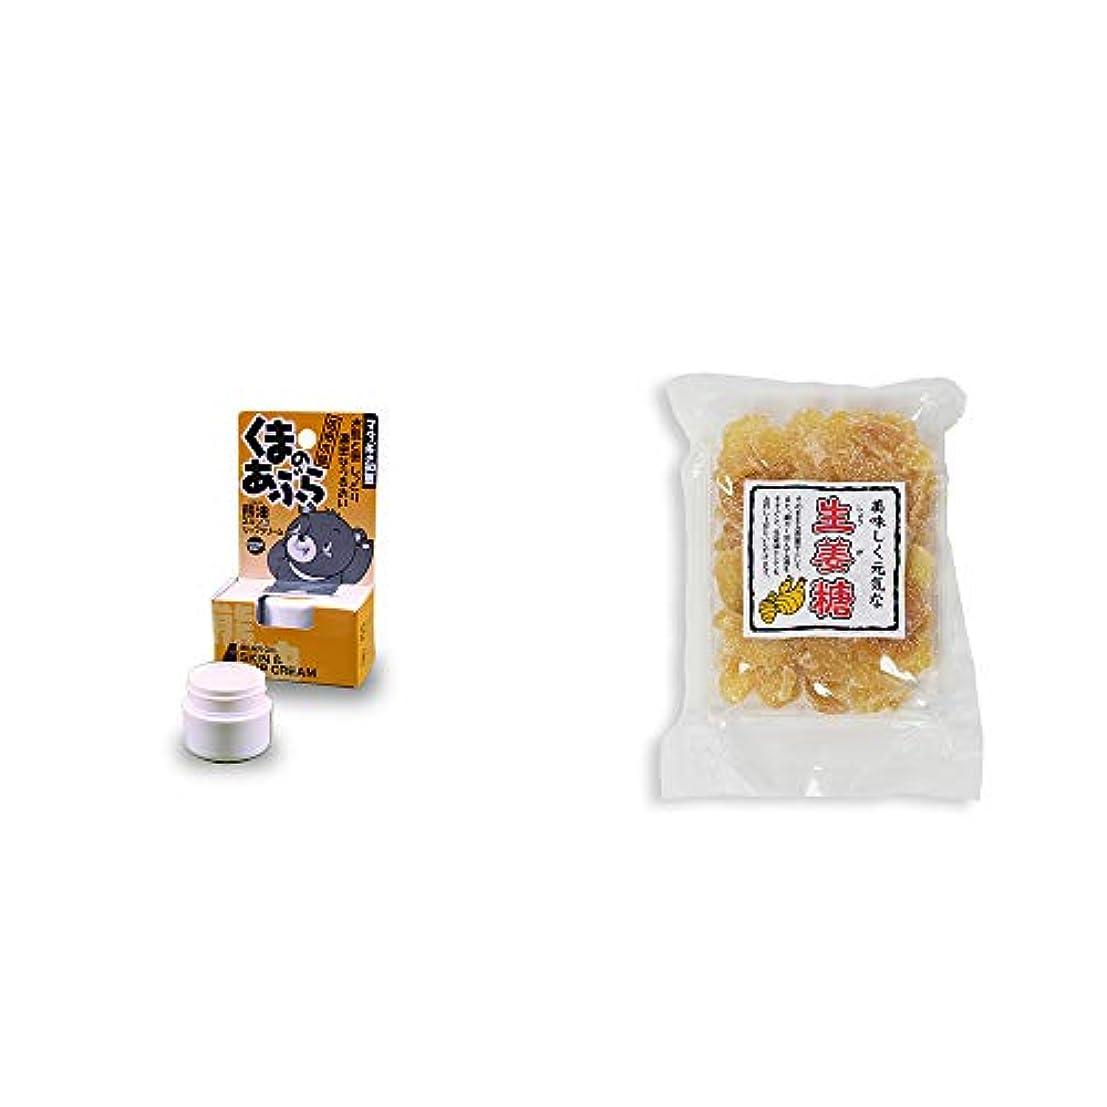 クスクス仮装ドット[2点セット] 信州木曽 くまのあぶら 熊油スキン&リップクリーム(9g)?生姜糖(230g)